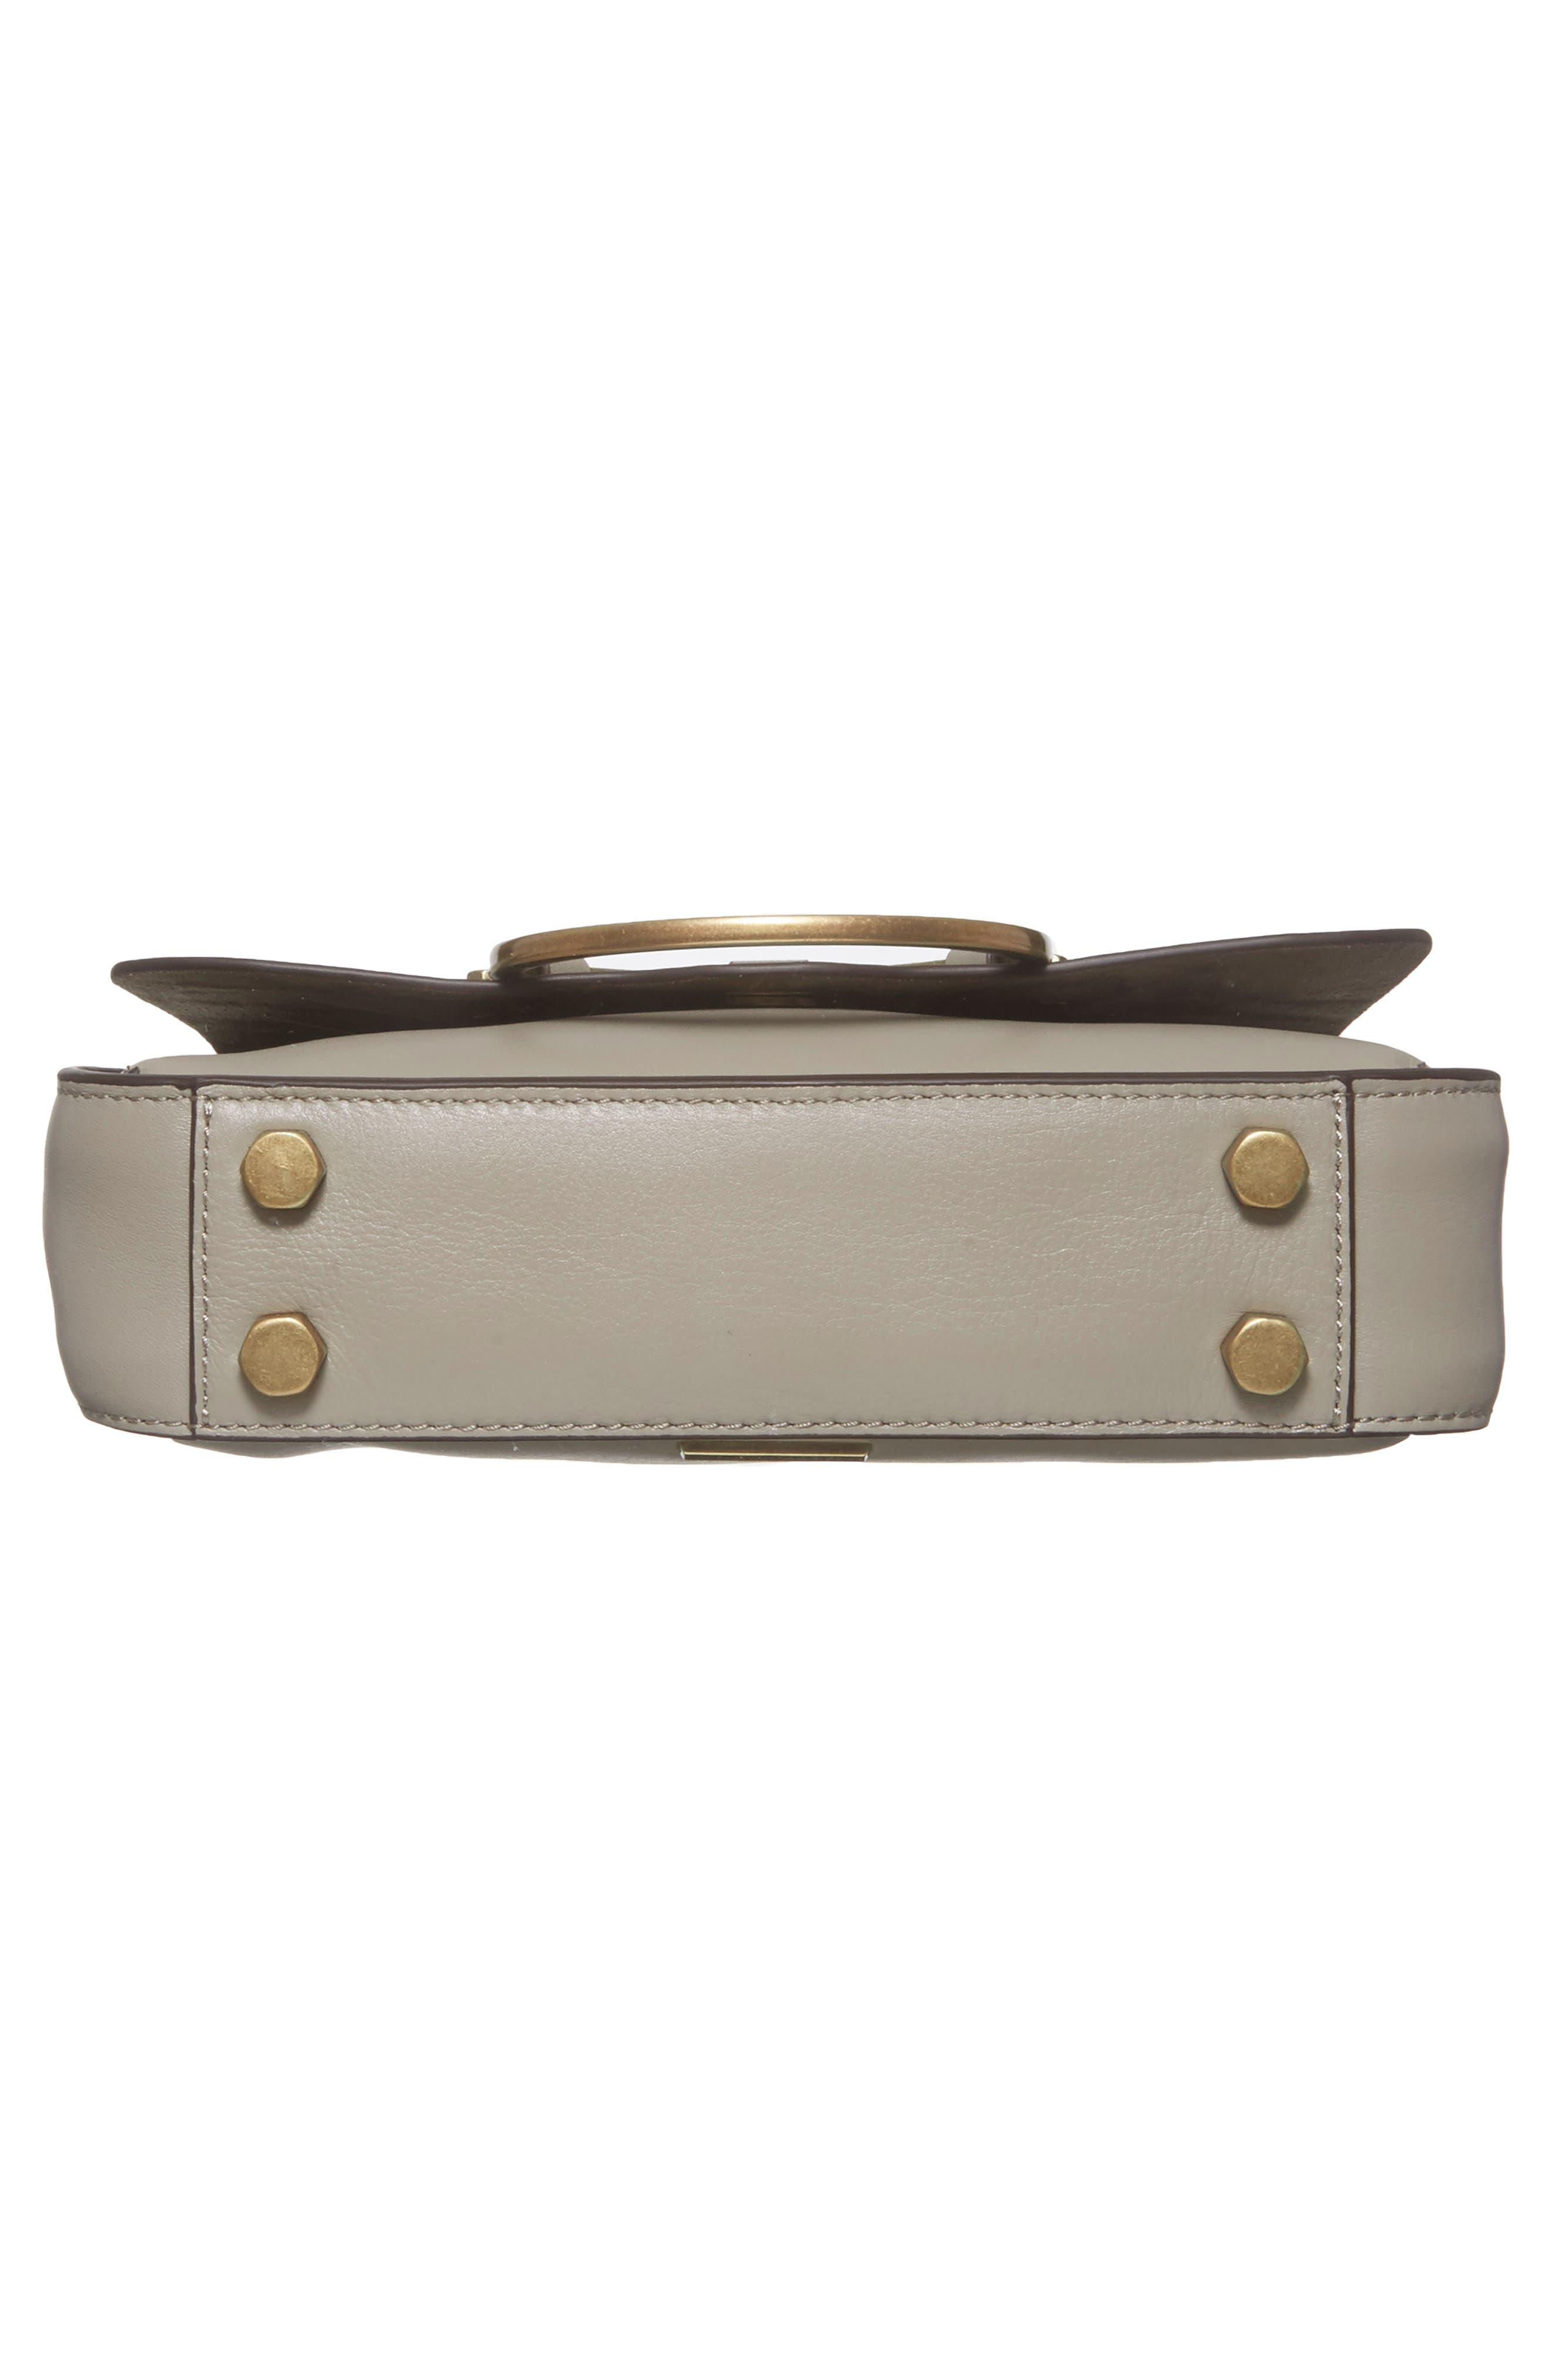 Ring Leather Shoulder Bag,                             Alternate thumbnail 12, color,